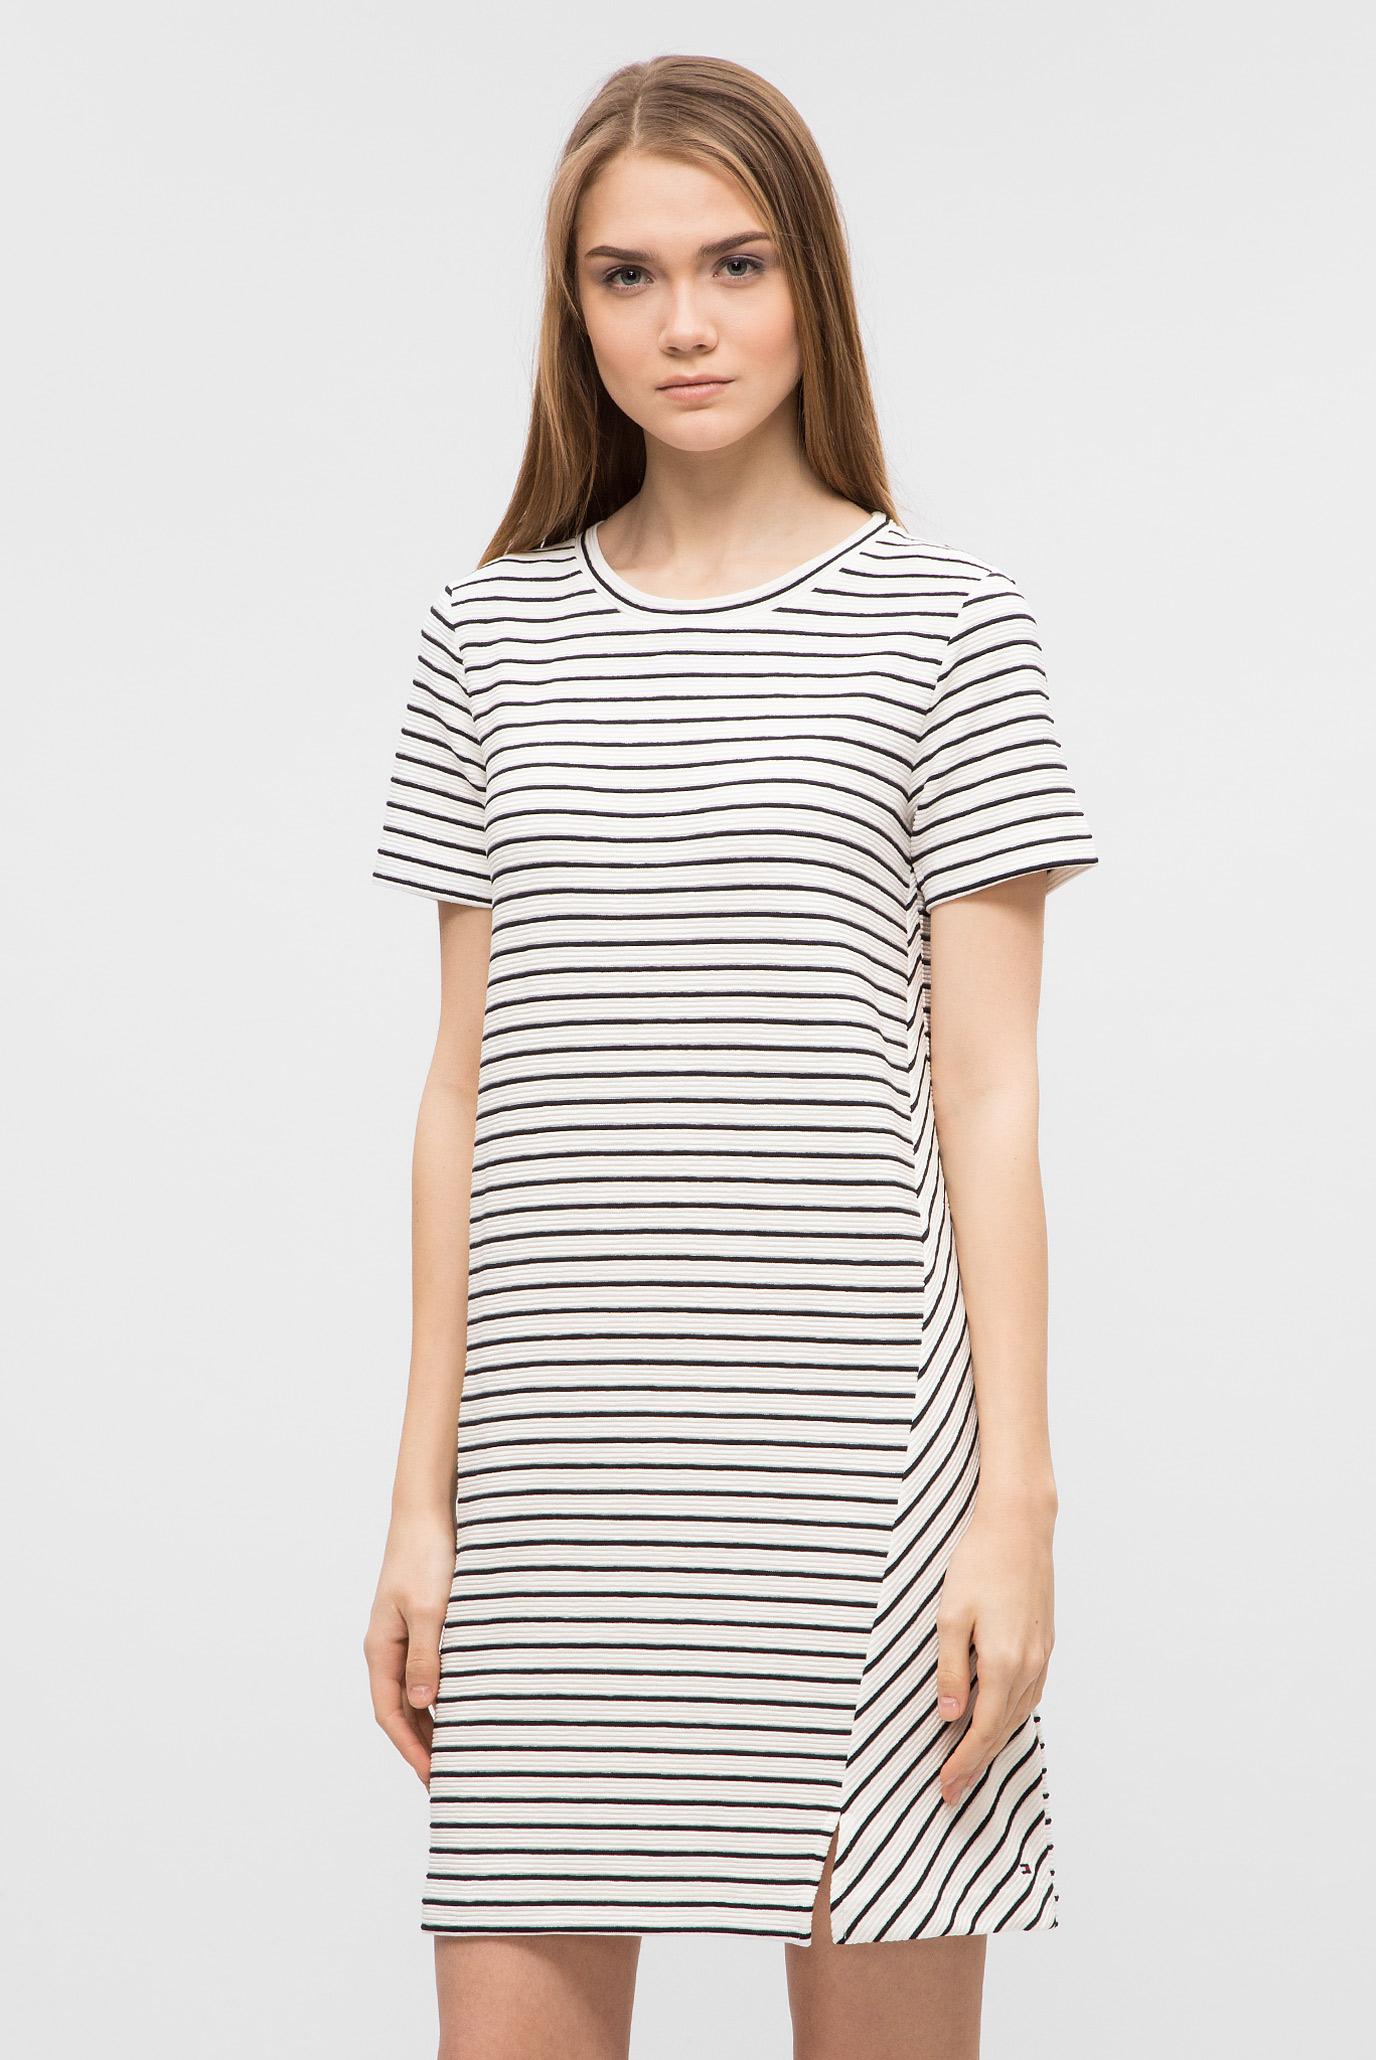 Купить Женское белое платье в полоску Tommy Hilfiger Tommy Hilfiger  WW0WW21817 – Киев 2c1390cd21a2c